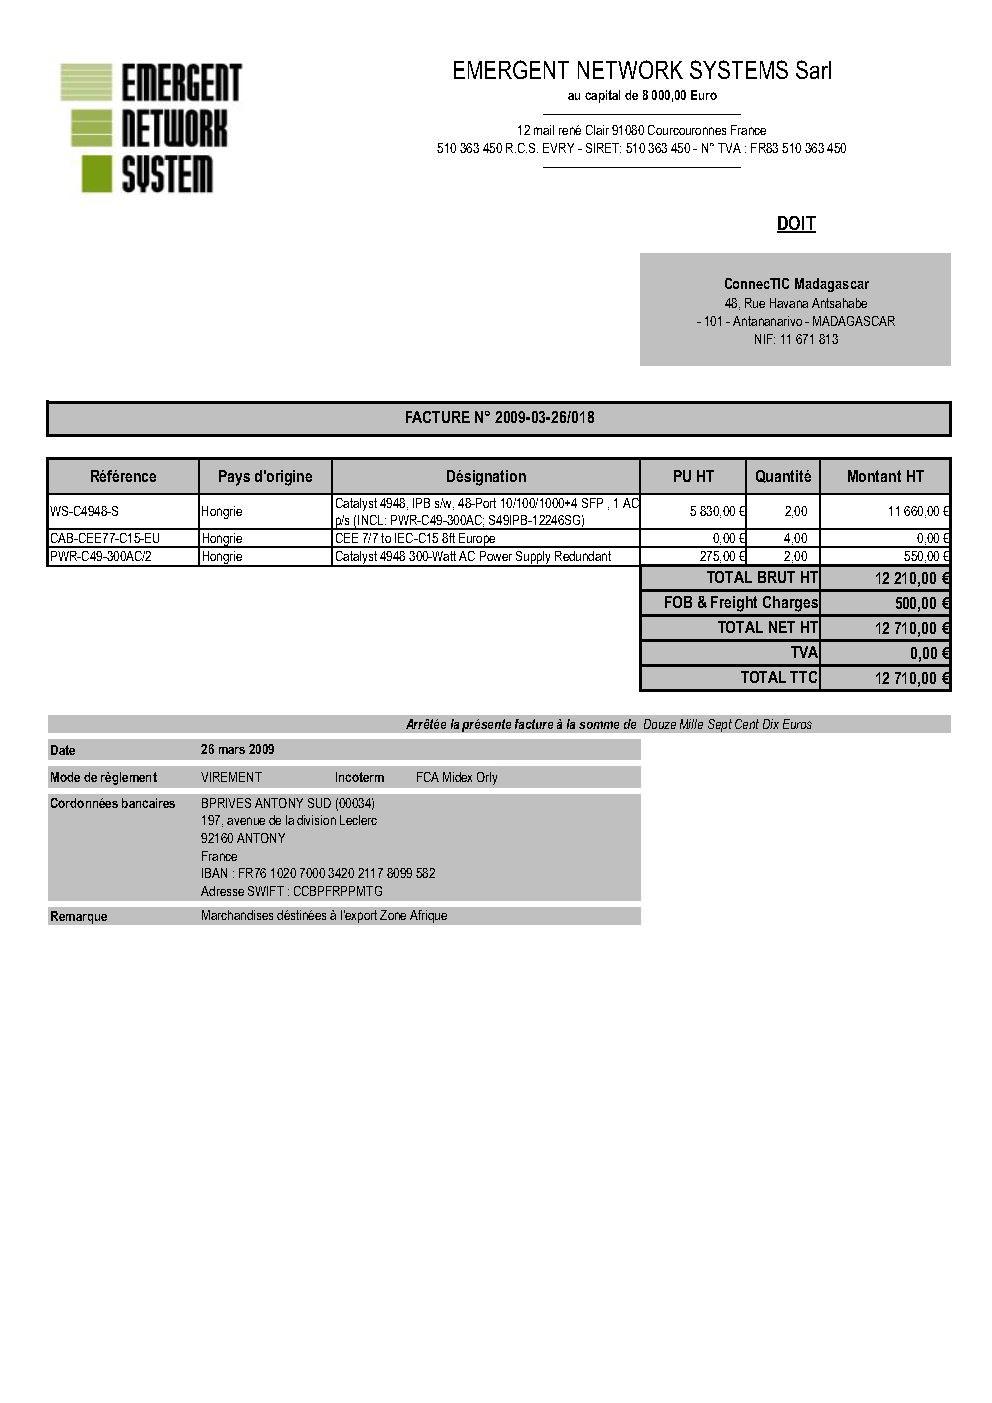 RANARISON Tsilavo établit EMERGENT pour le dossier BMOI 2 - En mars 2009, RANARISON Tsilavo envoie les trois premiers virements de CONNECTIC à EMERGENT pour payer les deux factures de produits CISCO destinés à CONNECTIC. Il a lui même établi les 3 factures EMERGENT lors du passage à la douane française